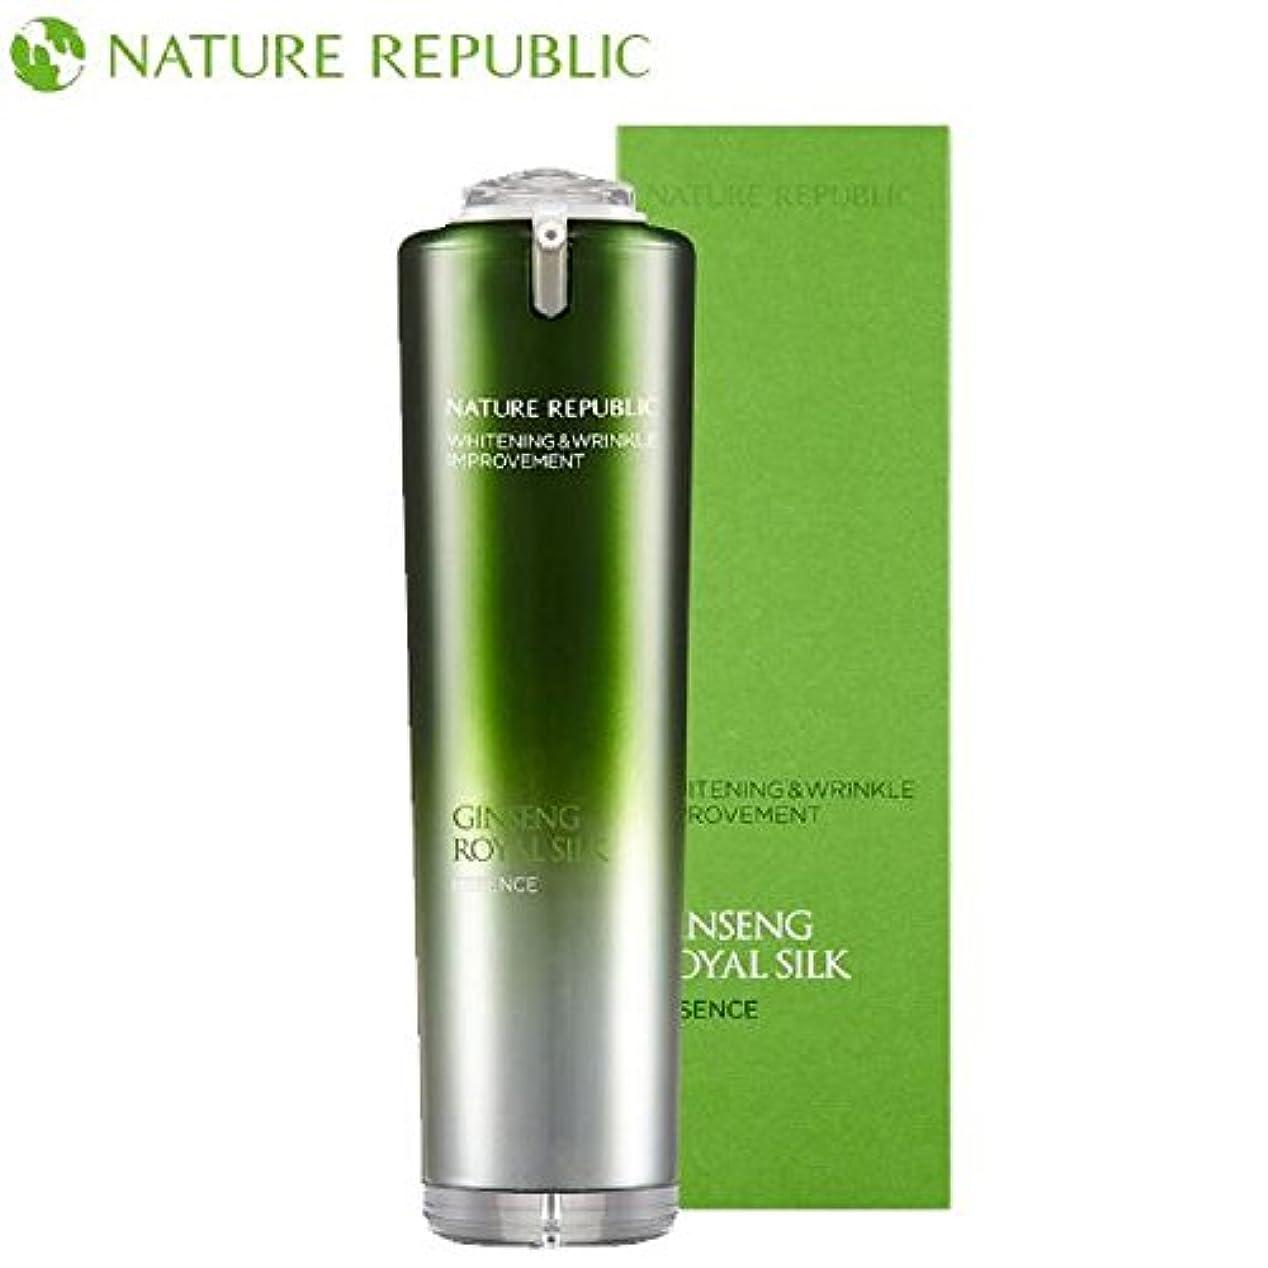 普通のマンハッタン白鳥正規輸入品 NATURE REPUBLIC(ネイチャーリパブリック) RY エッセンス GI 美容液 40ml NL8089